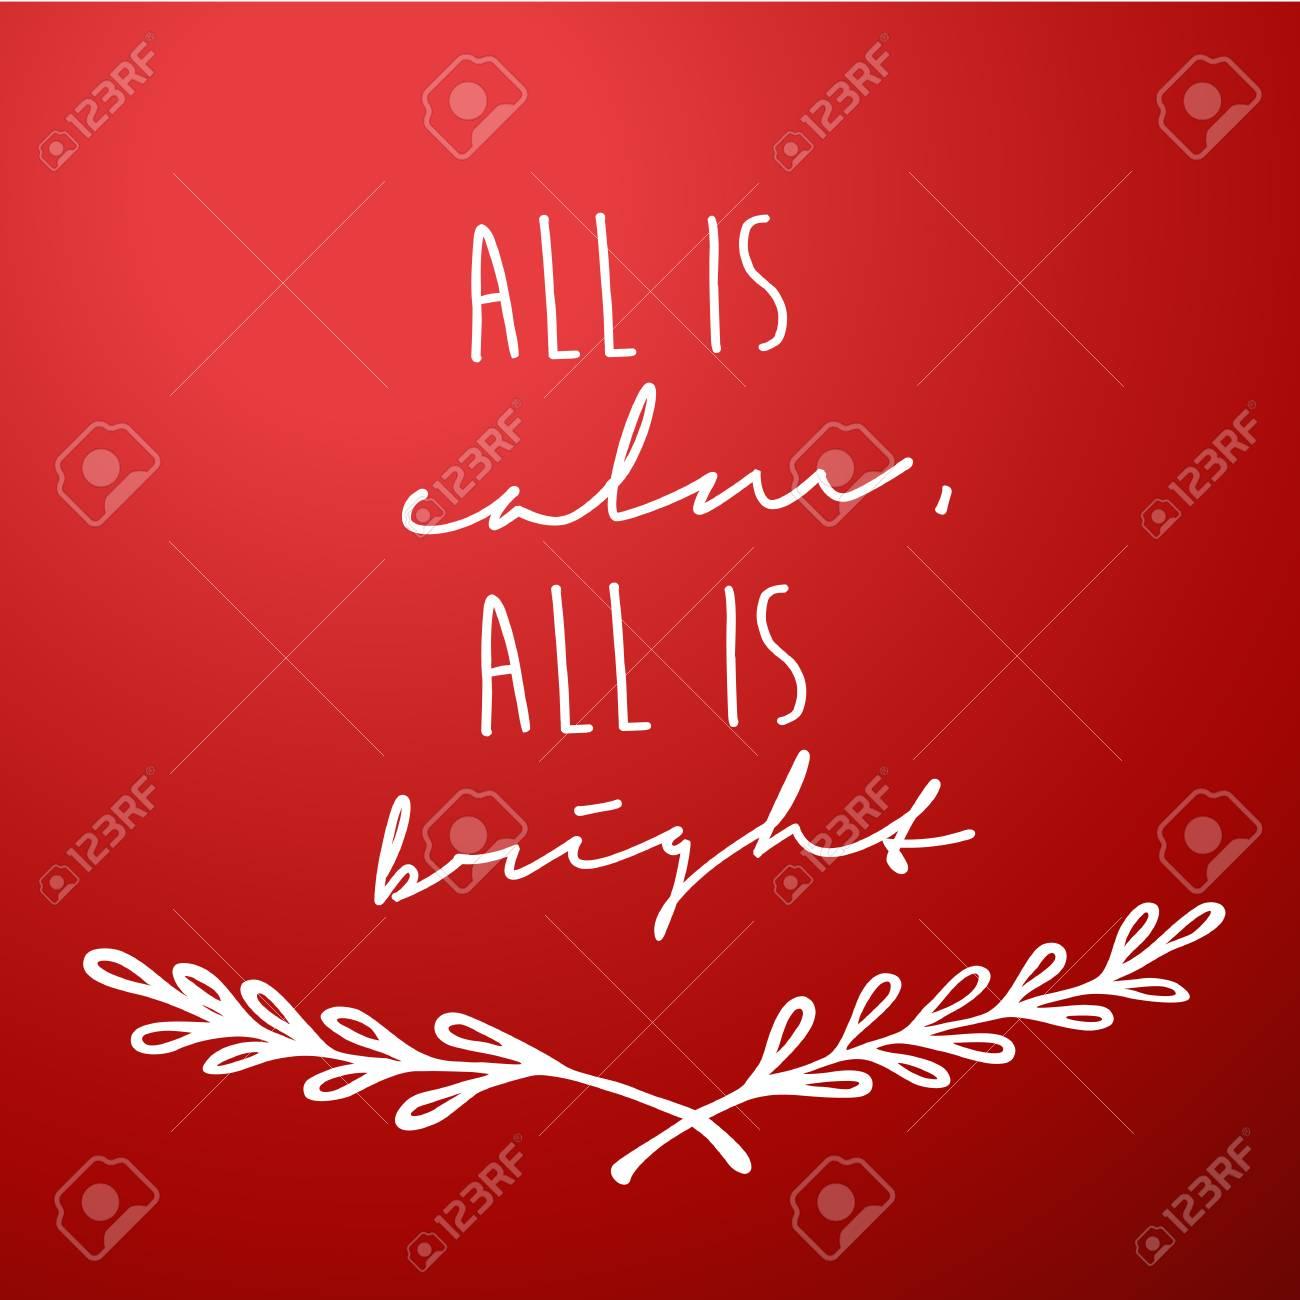 Vettoriale Sfondo Rosso Con Auguri Di Natale Tutto è Calma